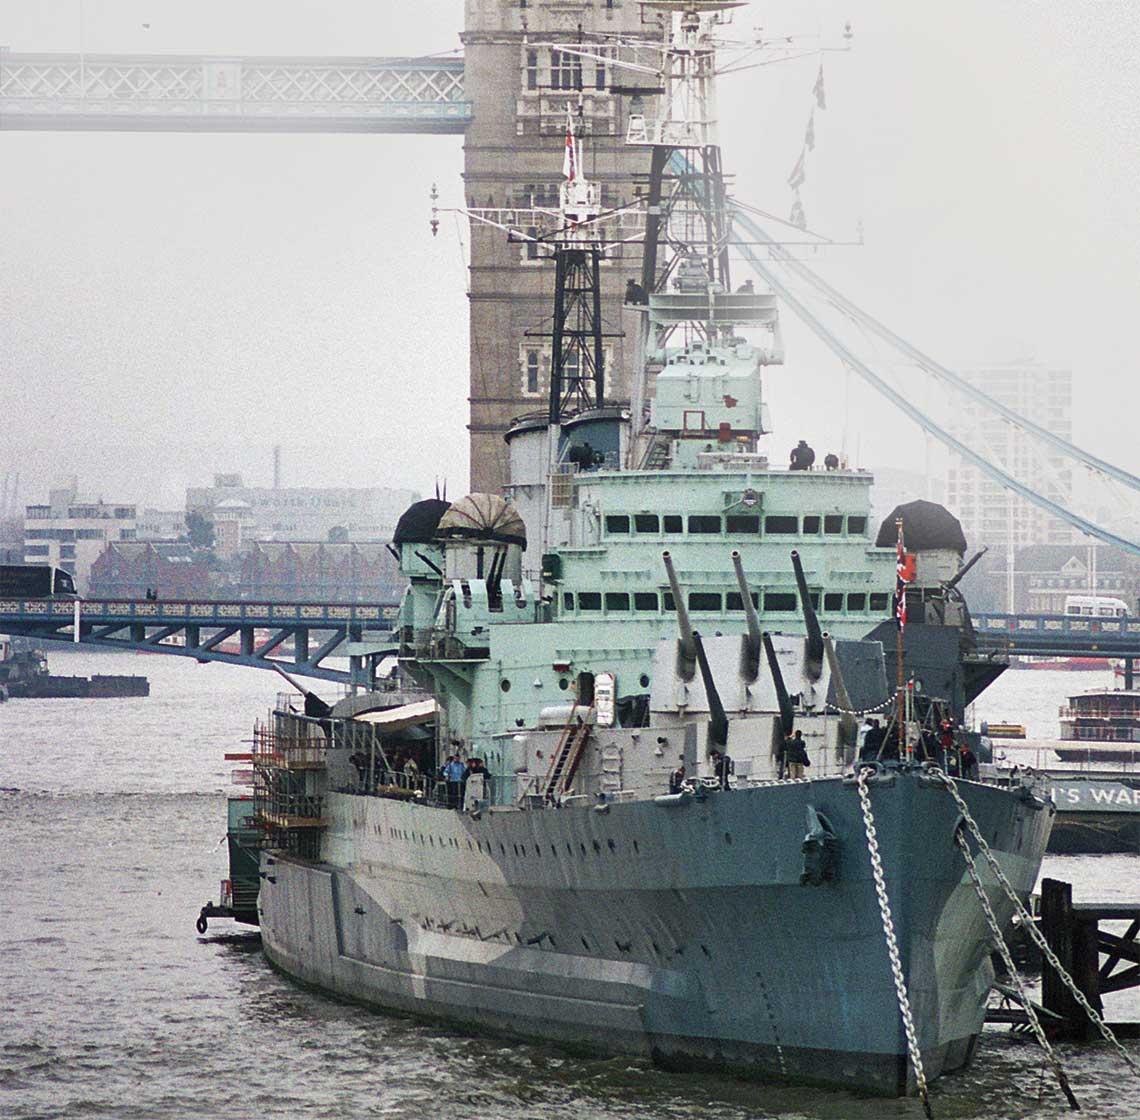 Belfast, pierwszy w dziejach okret, ktory wpadl na mine magnetyczna, zostal rowniez jedynym zachowanym w Europie krazownikiem okresu II wojny swiatowej – od 1971r. stoi na Tamizie w poblizu Tower Bridge, pelniac role muzeum.